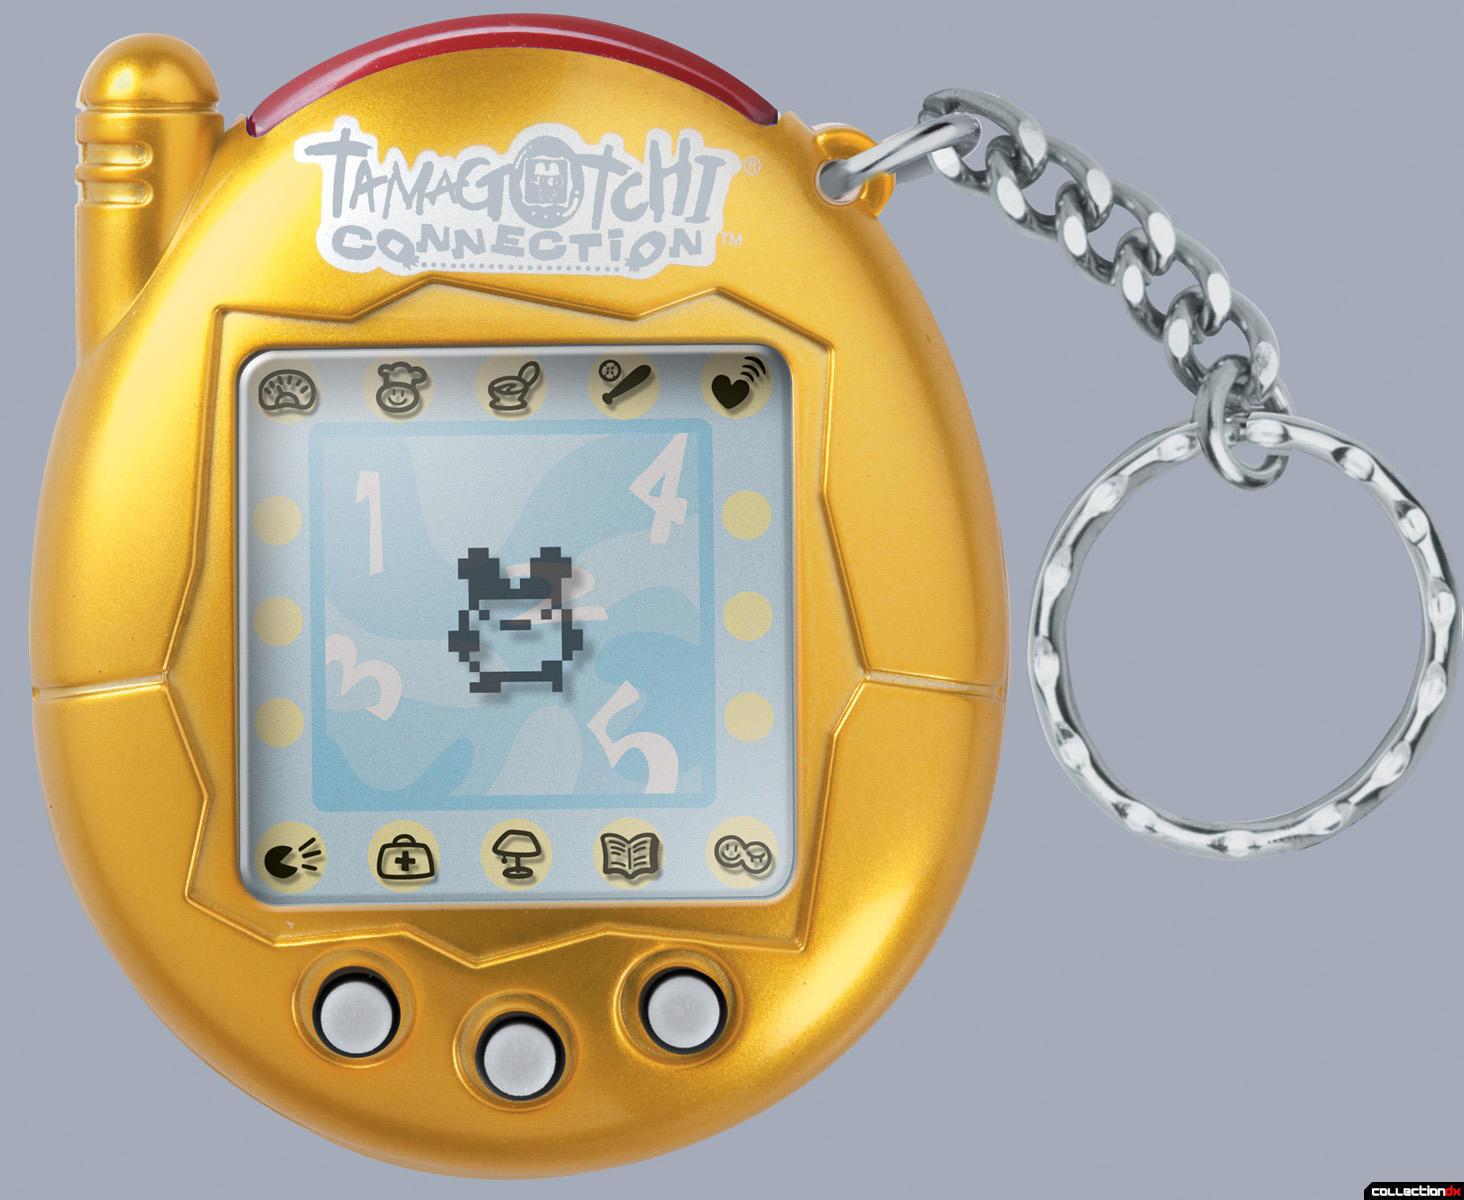 A japánok találták ki ezt a játékot még a '90-es évek második felében. Magyarországon nagy sikert futott be a '00-es évek elején.